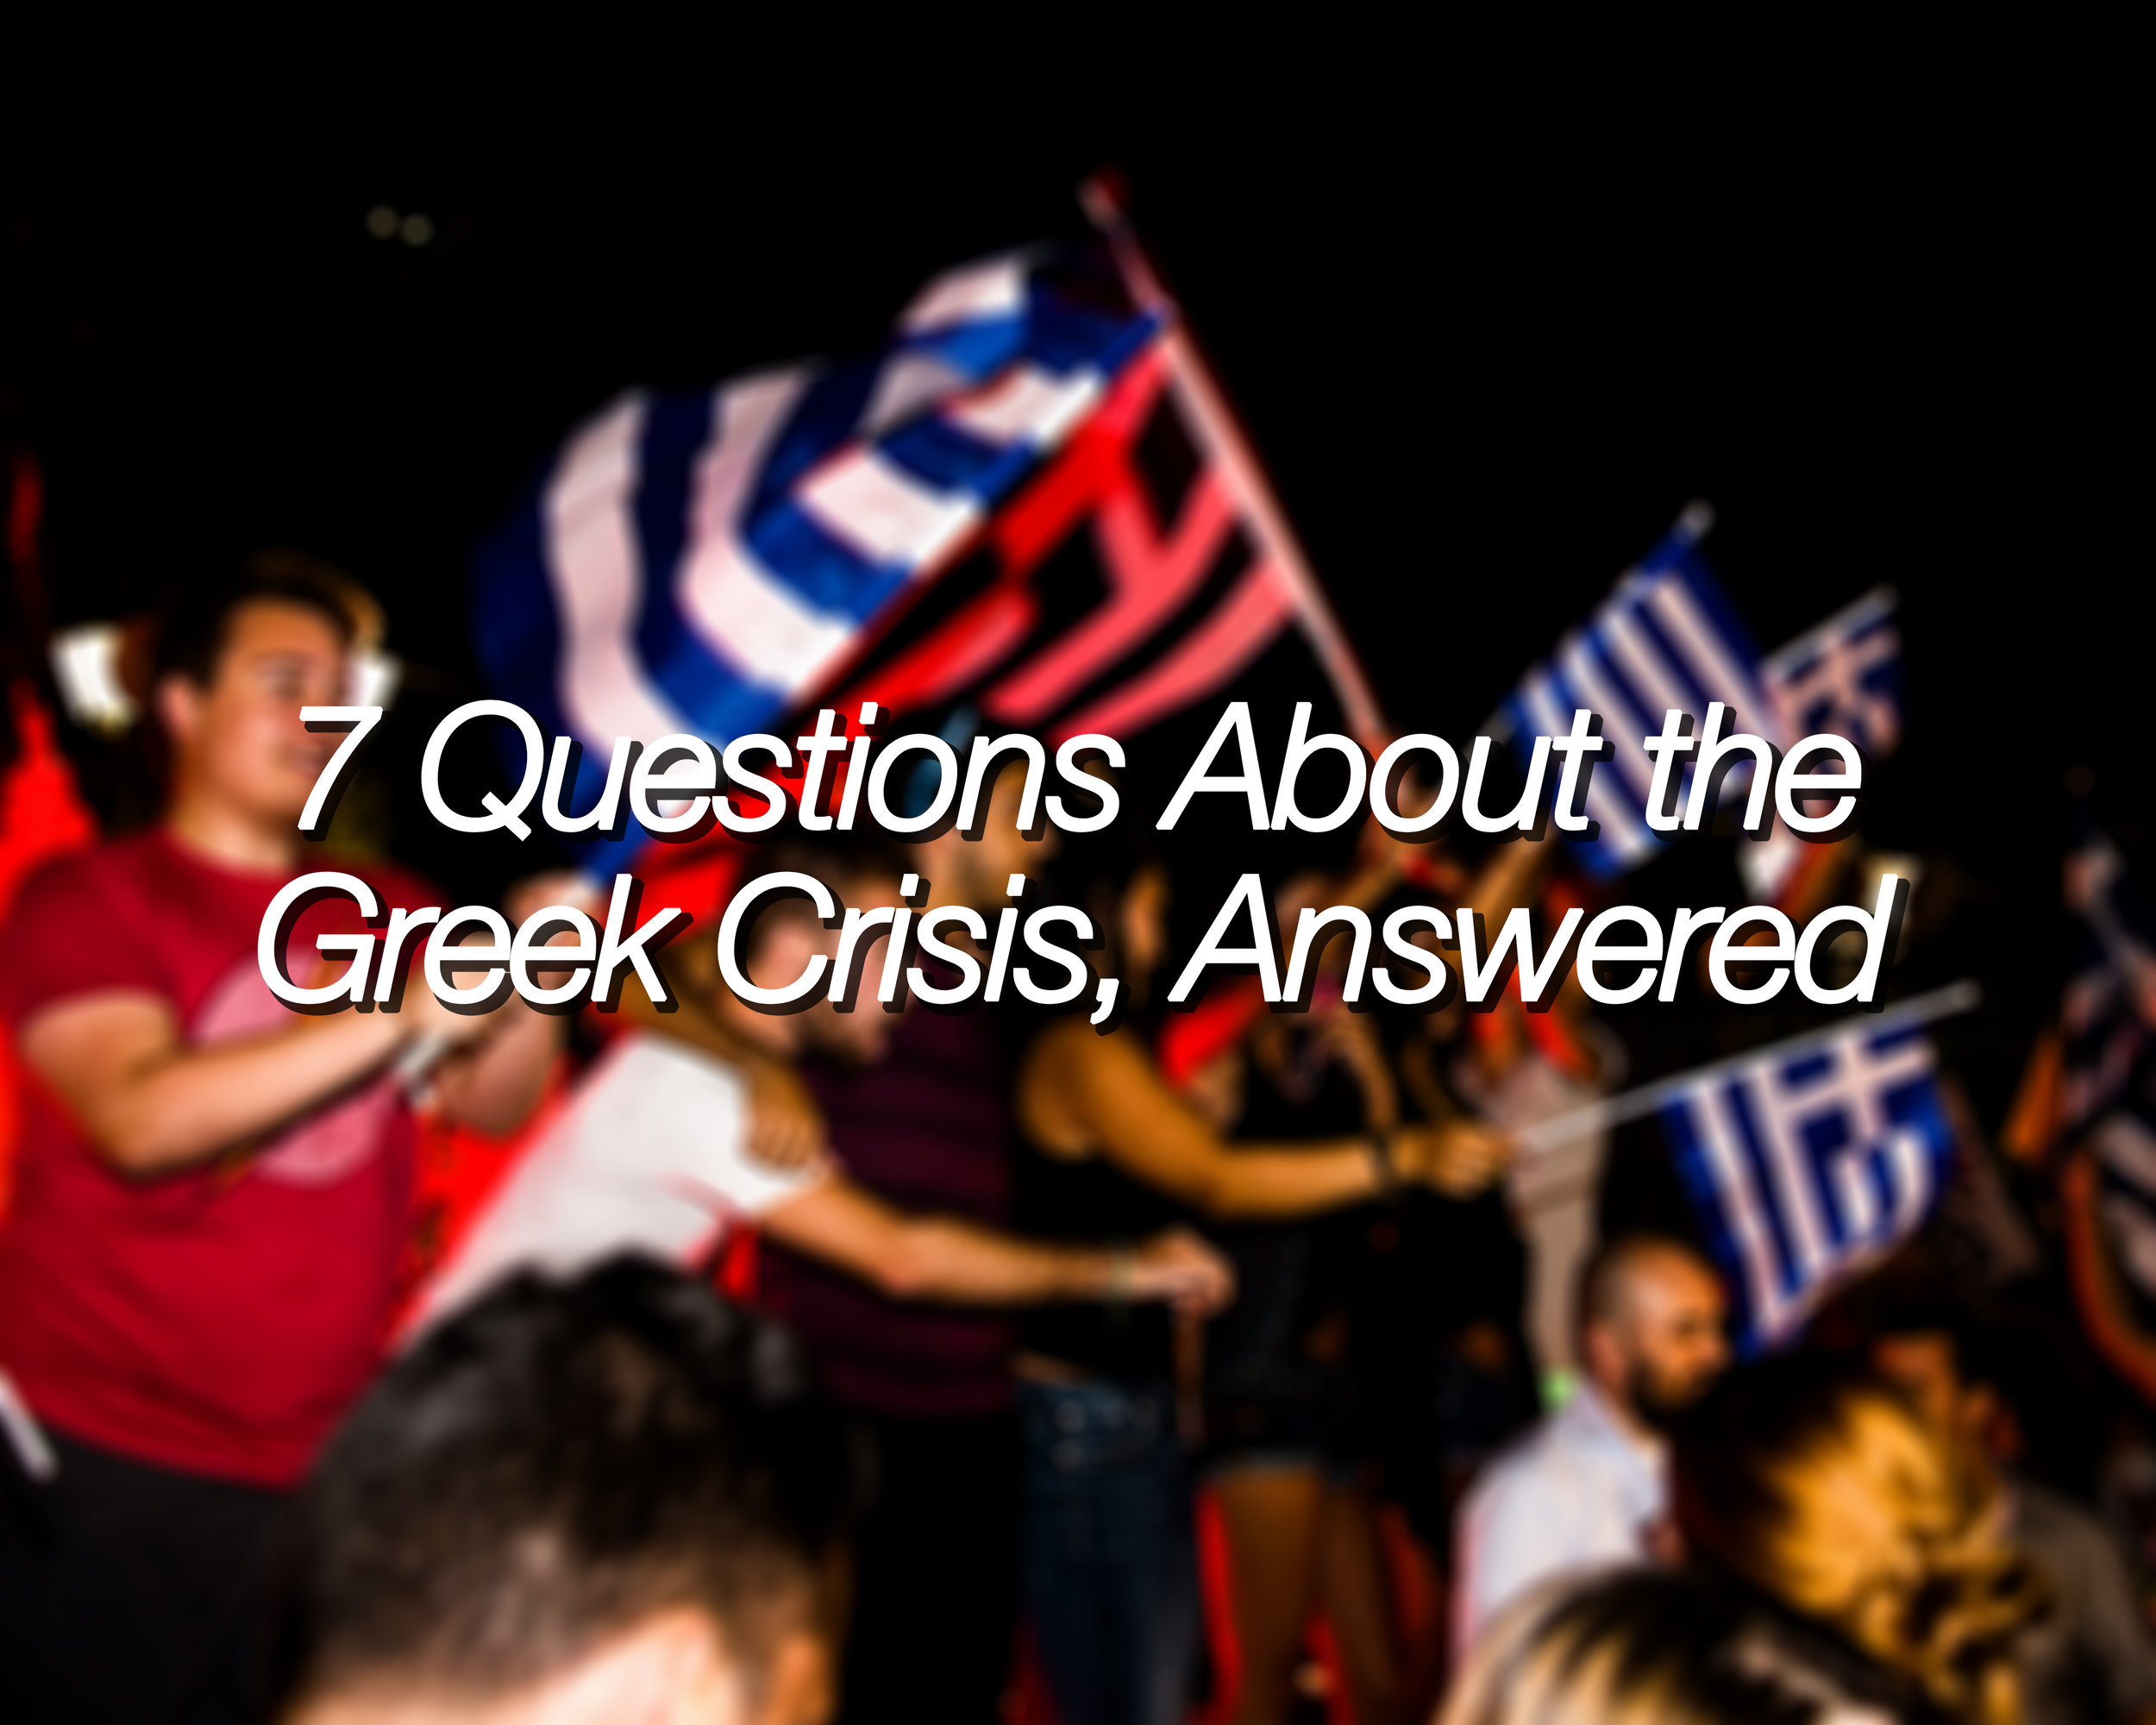 7 Questions copy.jpg